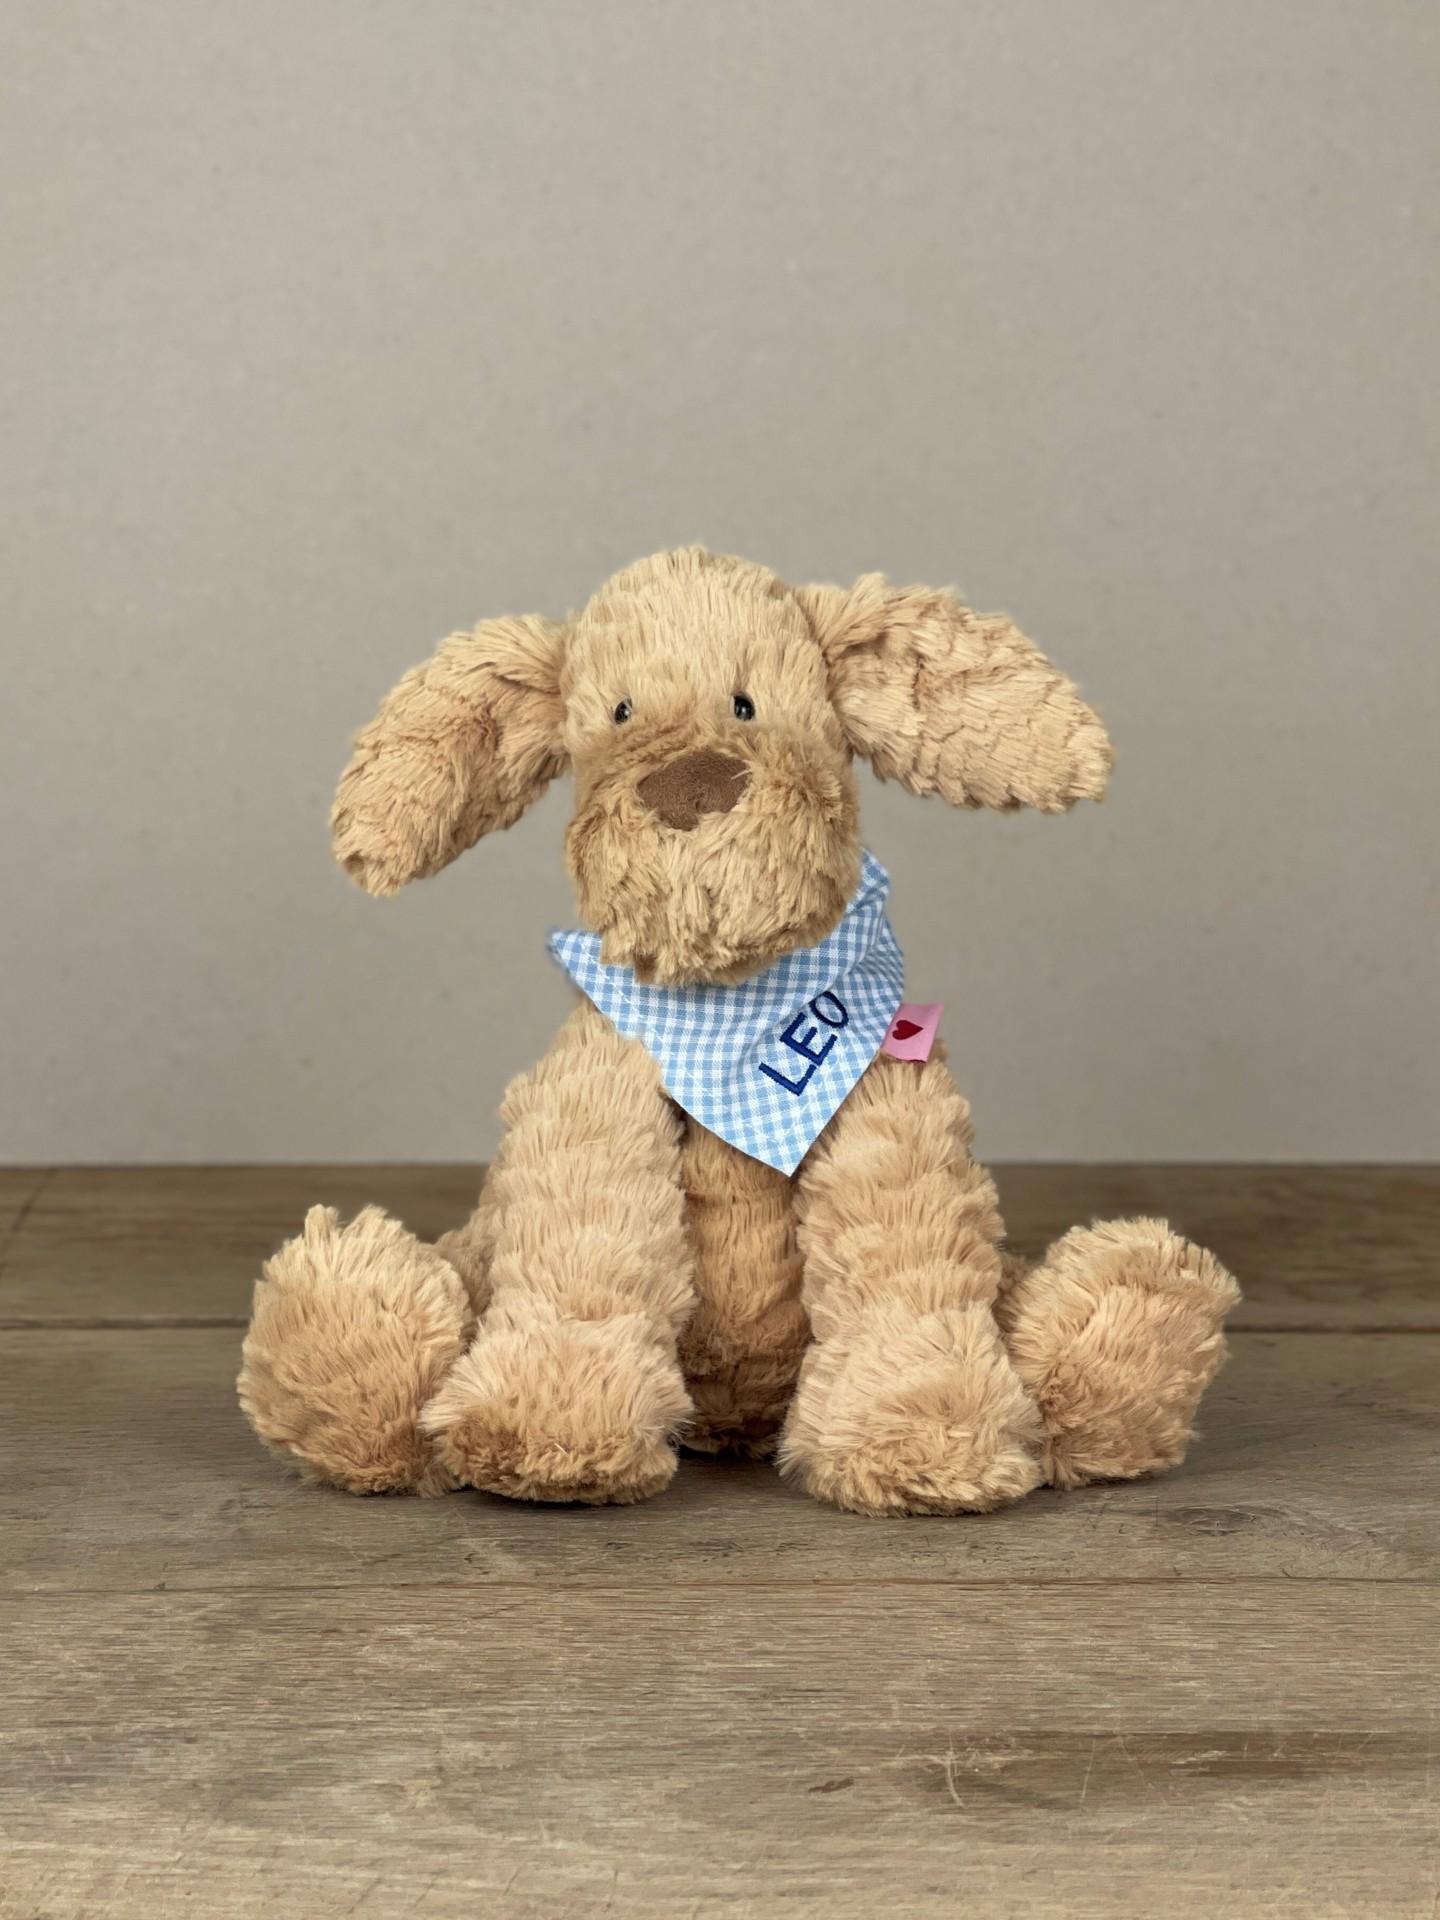 Kuschelhund No. 17 mit Tuch blau kariert